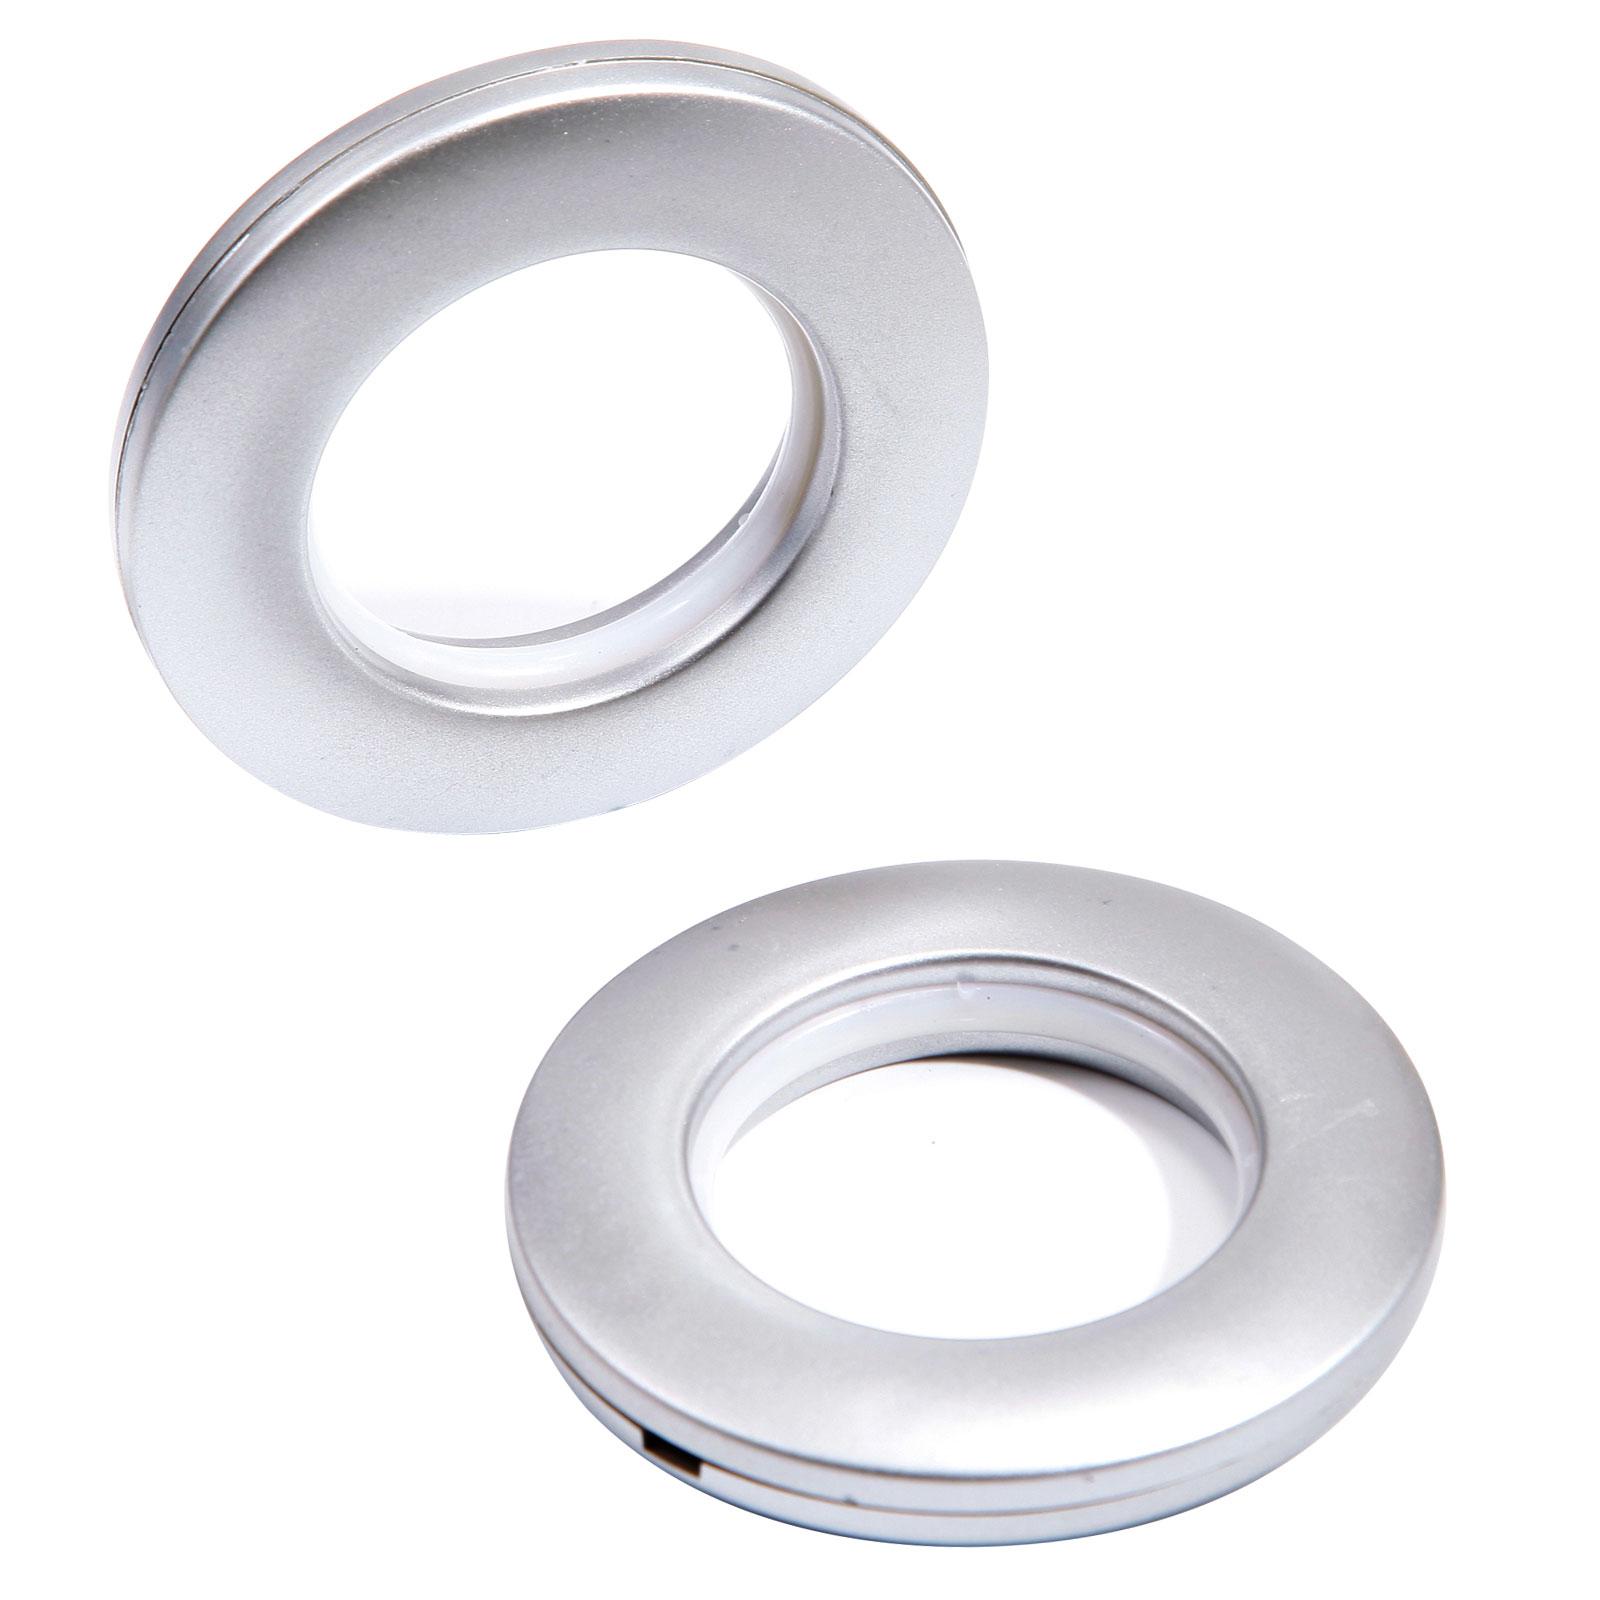 10 x Matte Silver 40mm Eyelet Rings